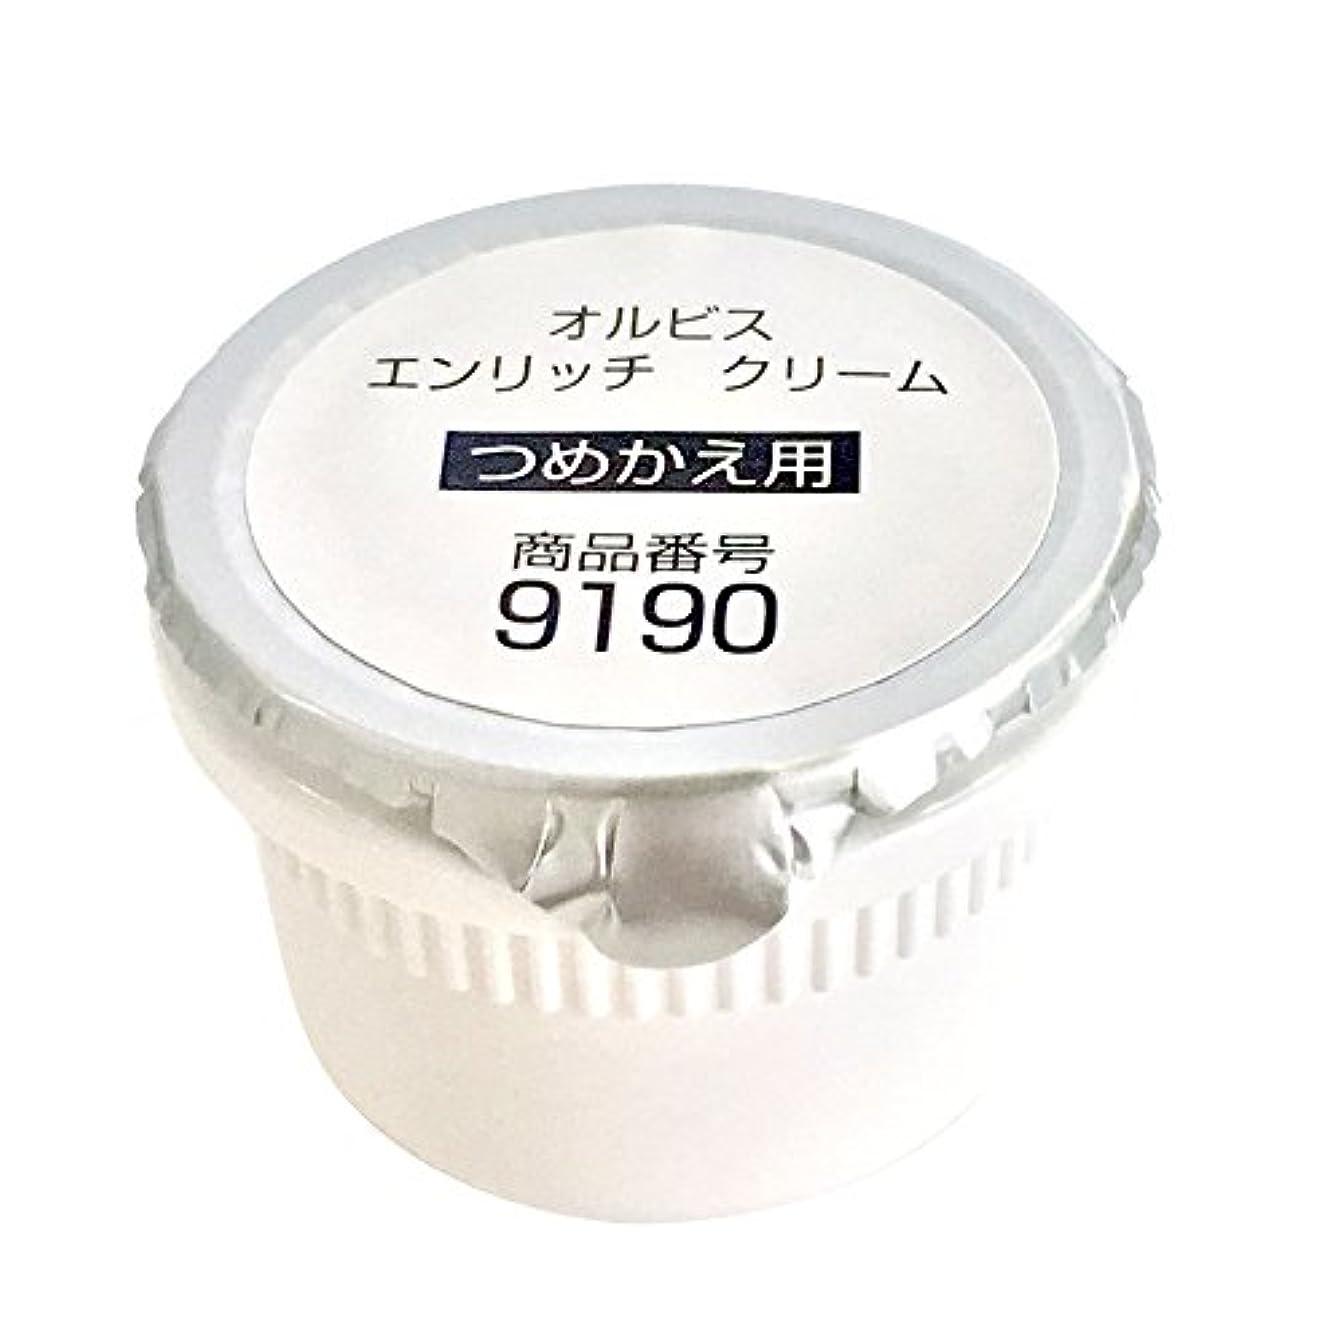 ペンリゾート極端なオルビス(ORBIS) エンリッチ クリーム 詰替 30g ◎エイジングケアクリーム◎